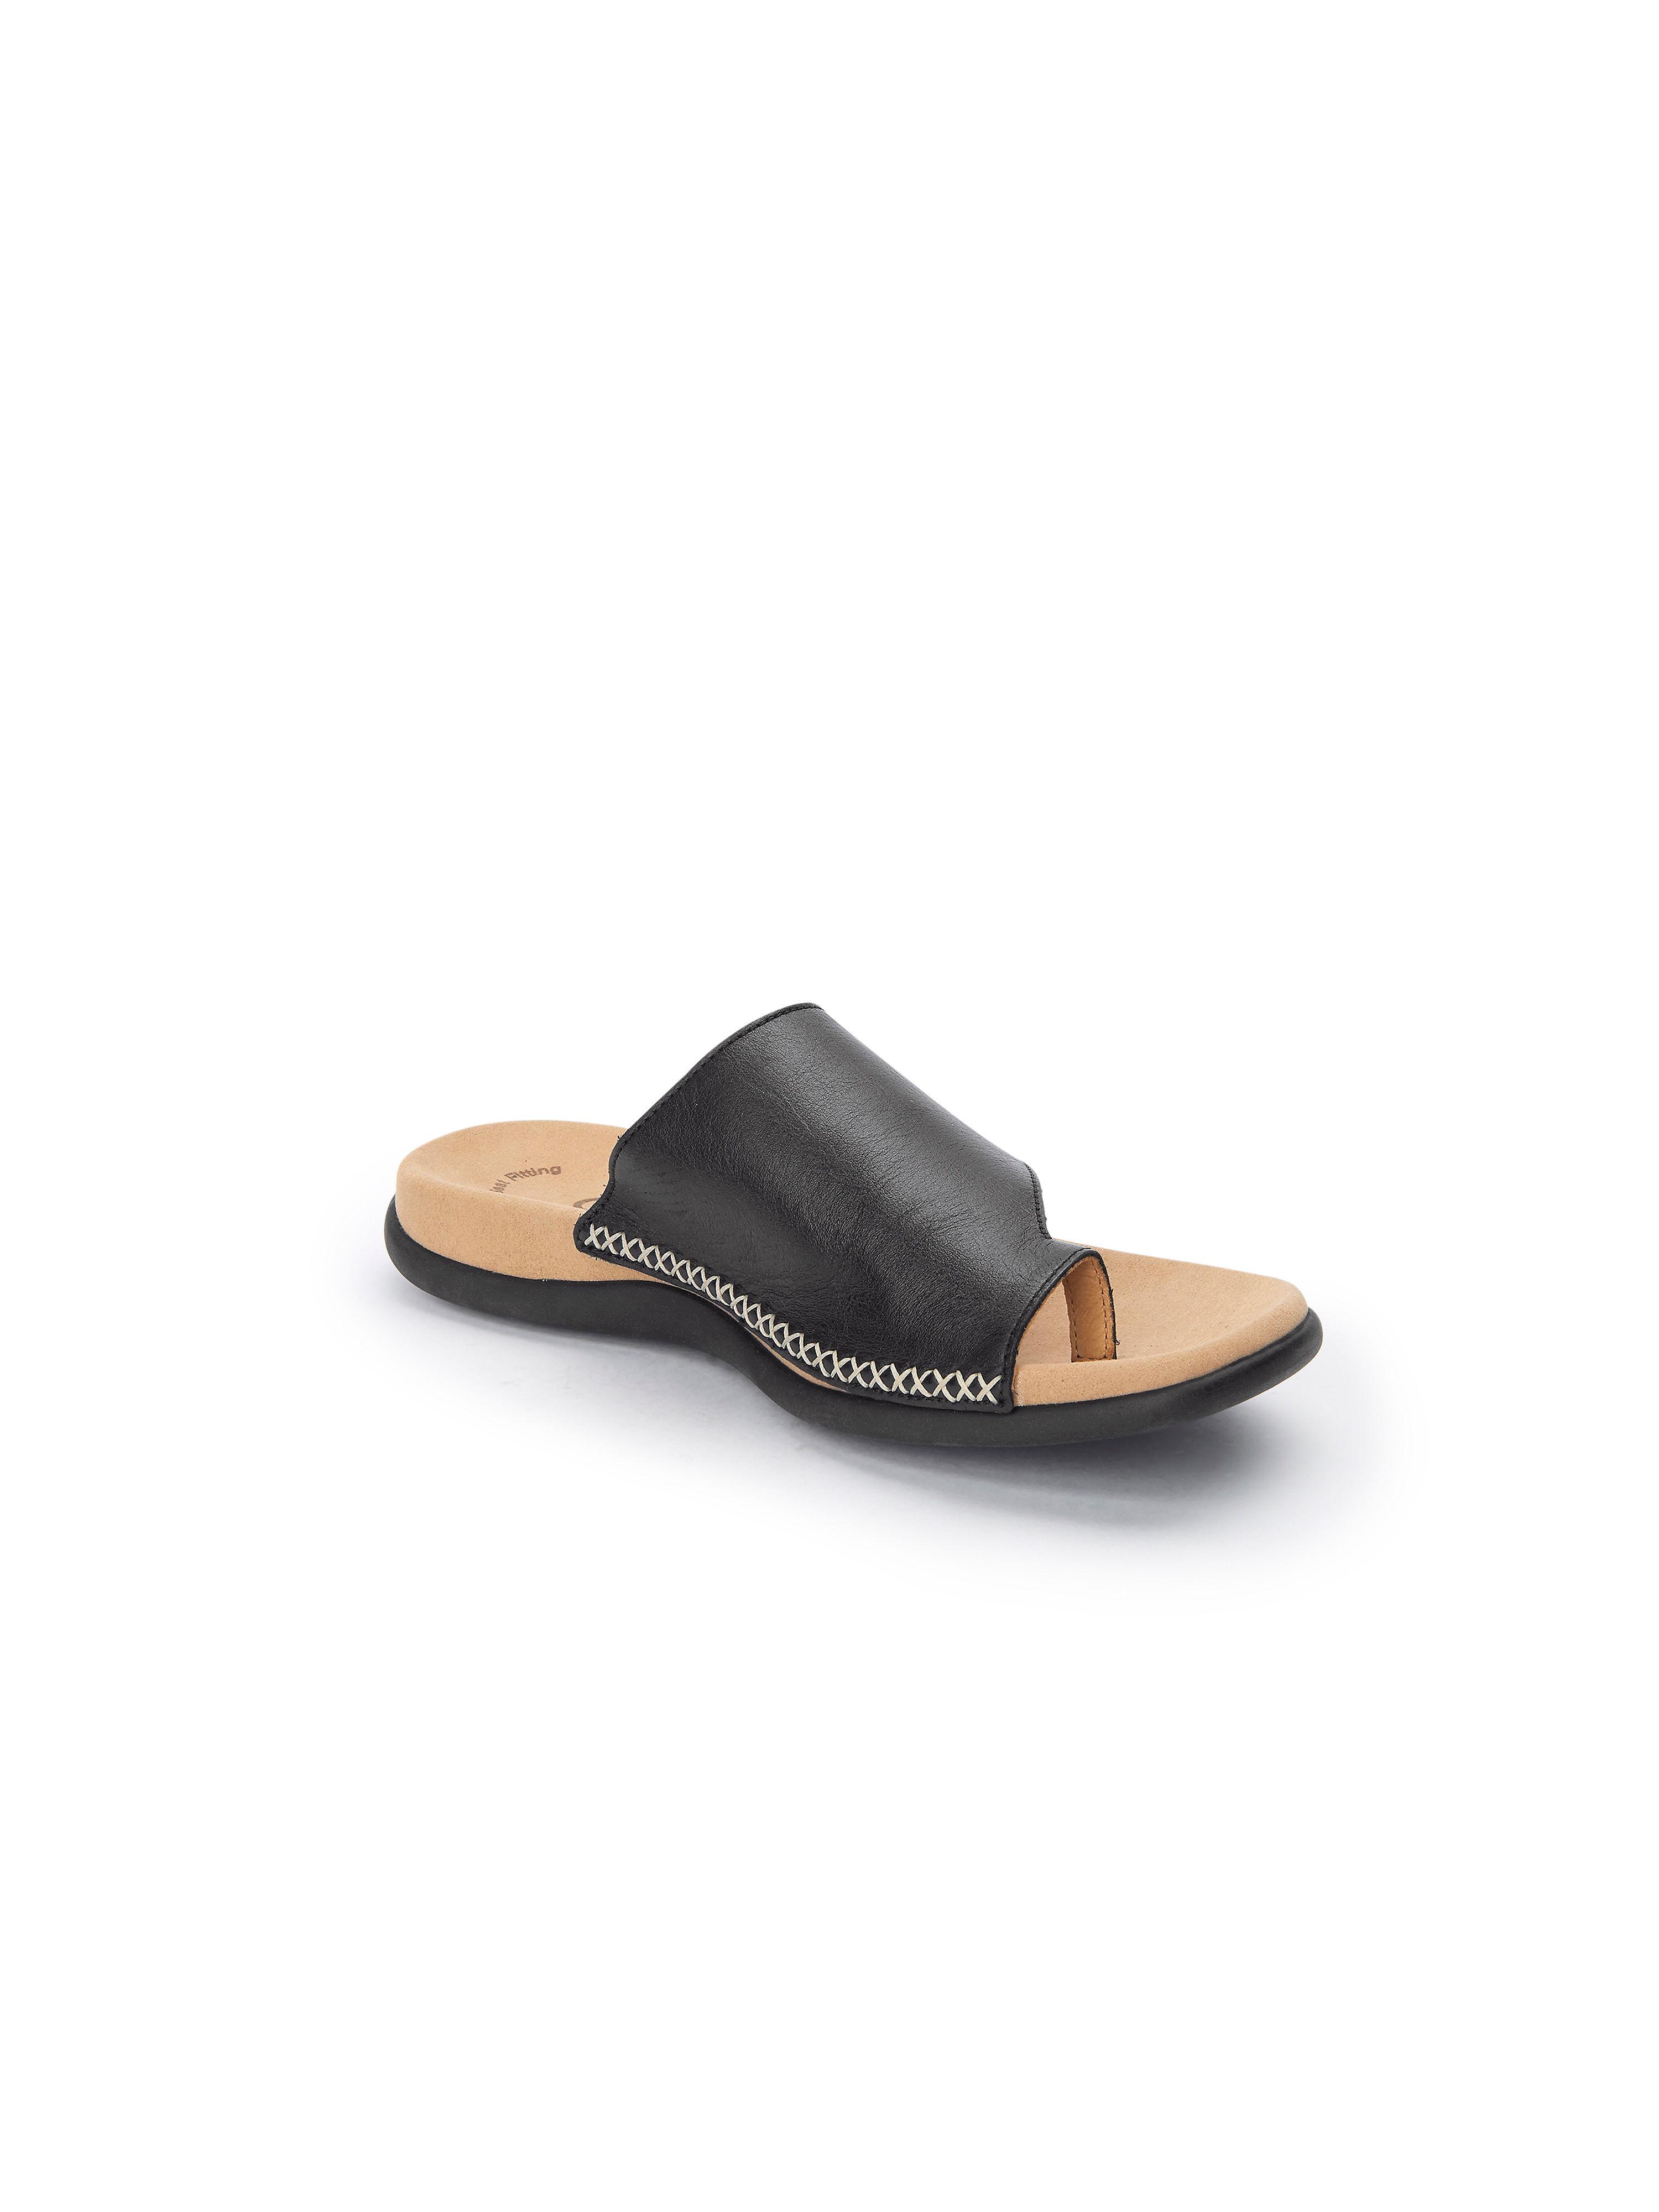 Gabor - Pantolette aus 100% Leder - Schwarz Gute Qualität beliebte Schuhe